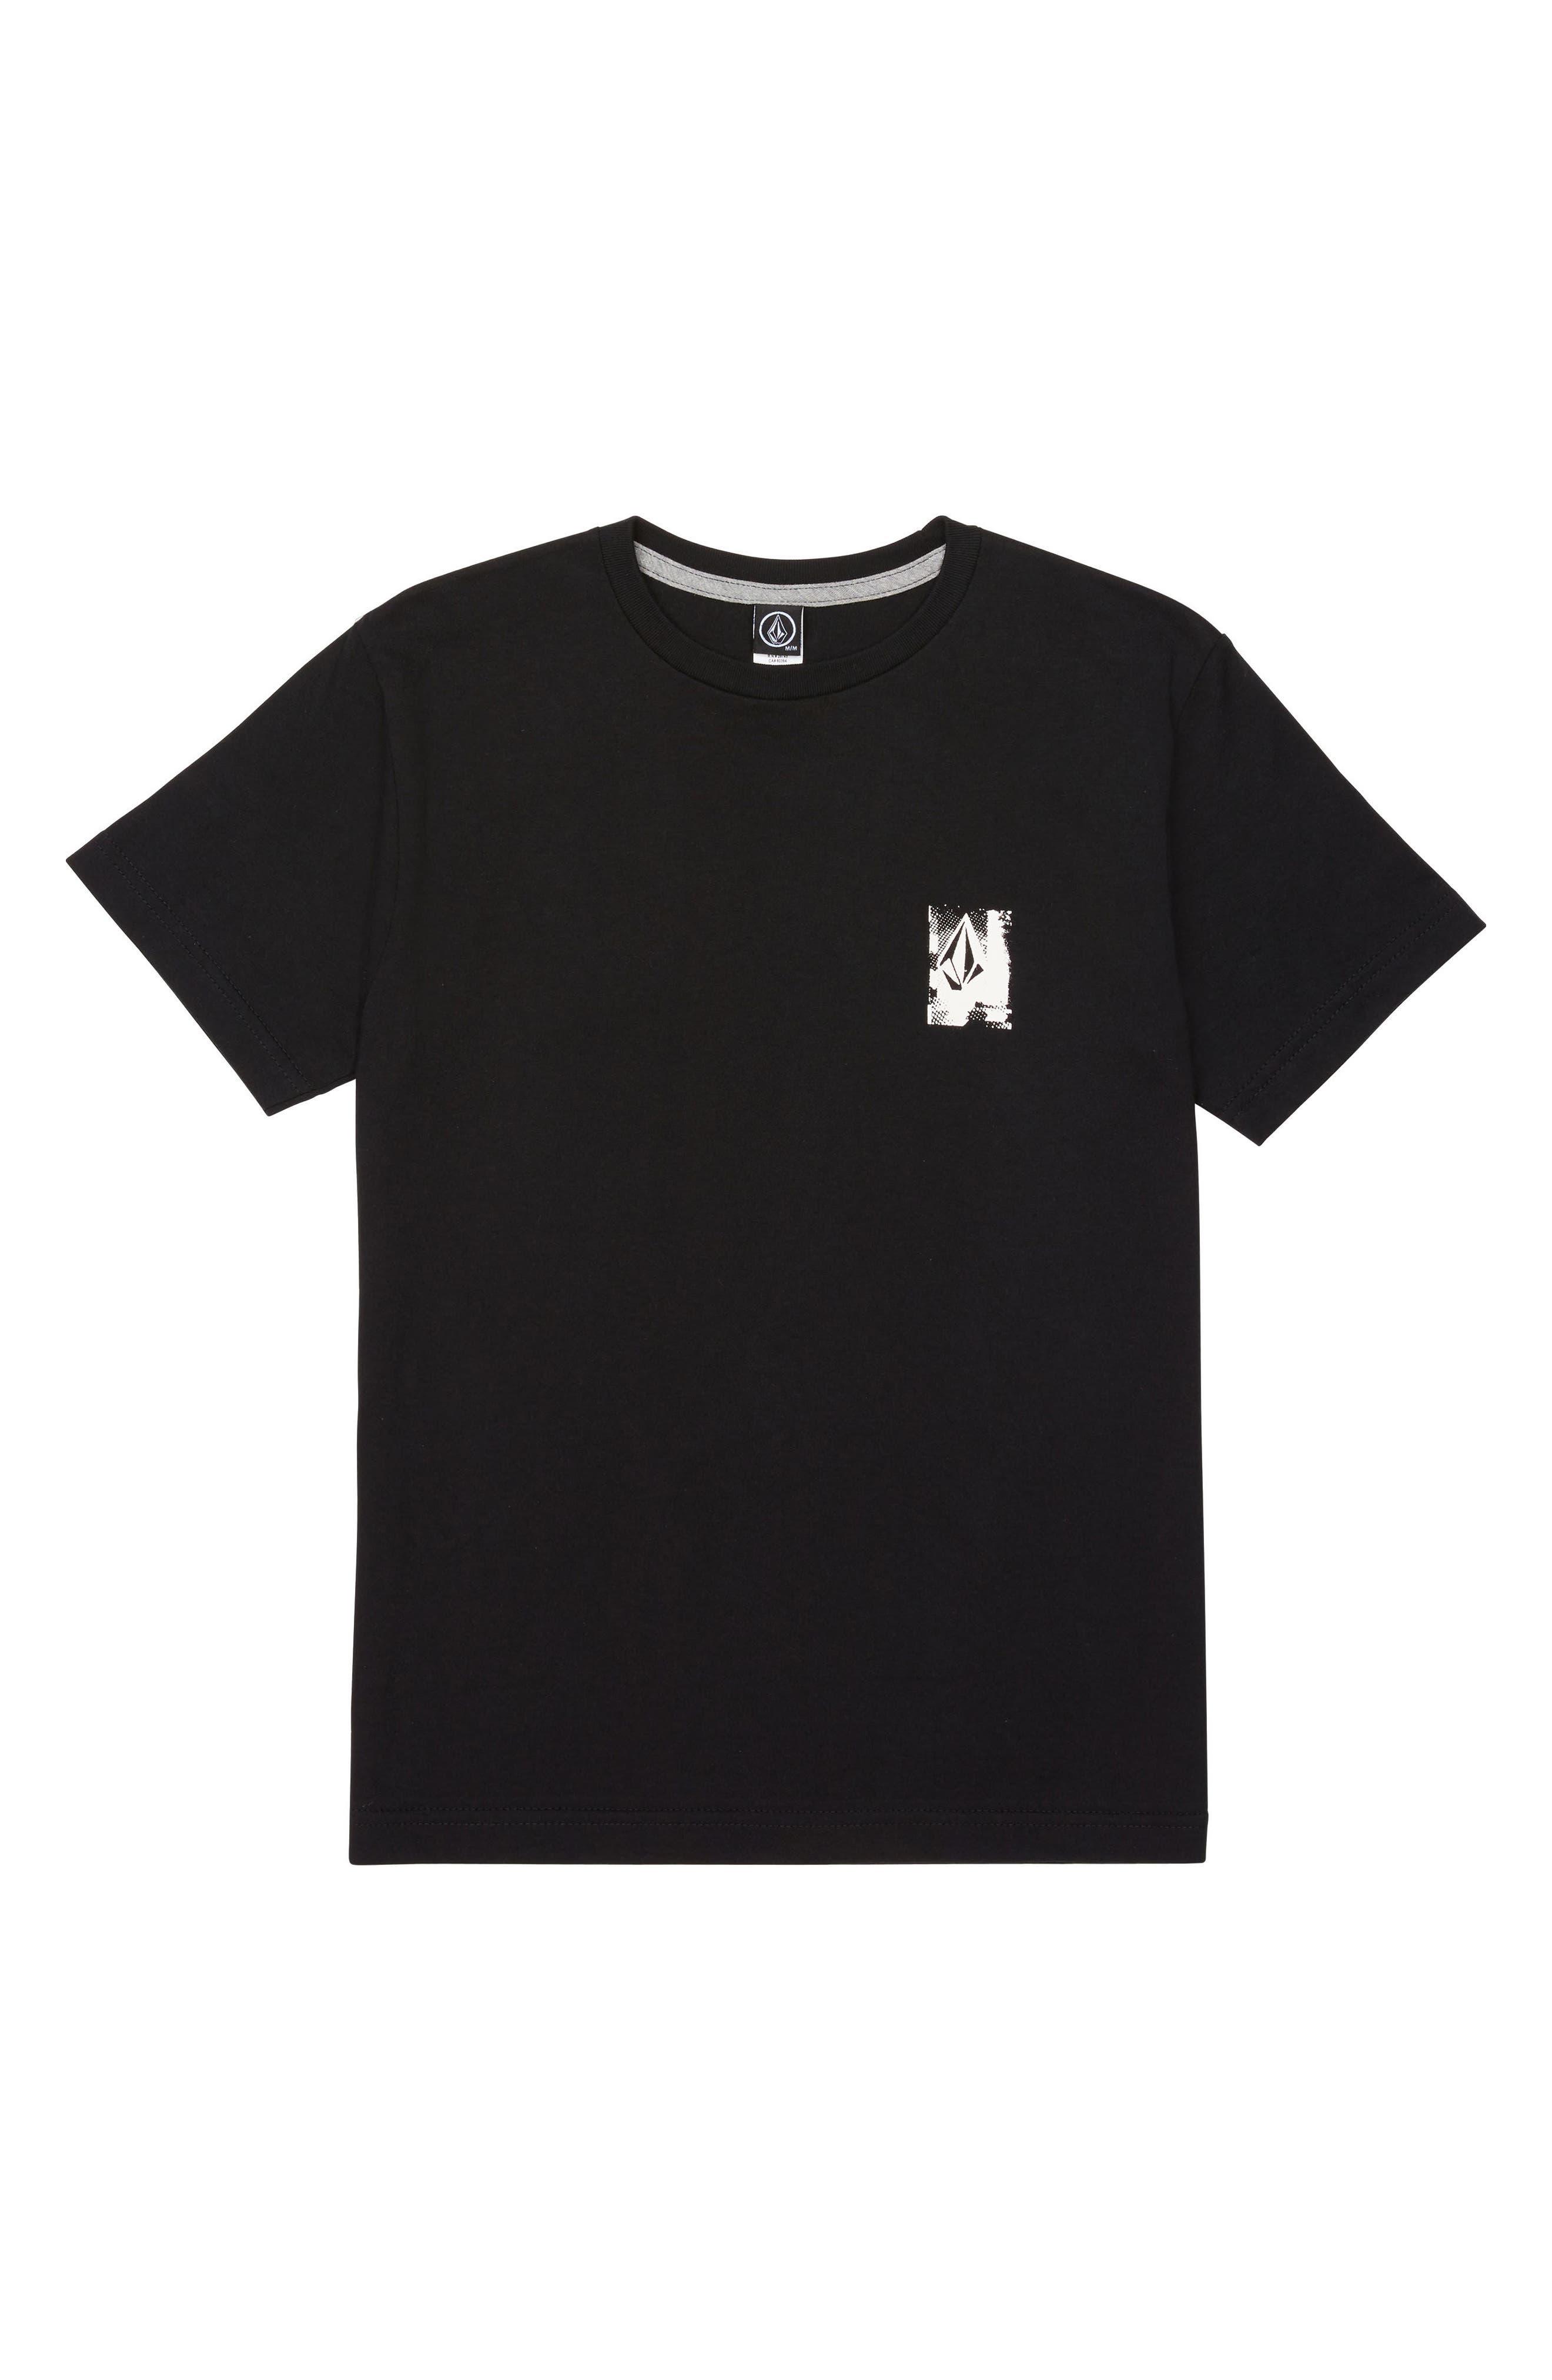 Lifer Graphic T-Shirt,                             Main thumbnail 1, color,                             001